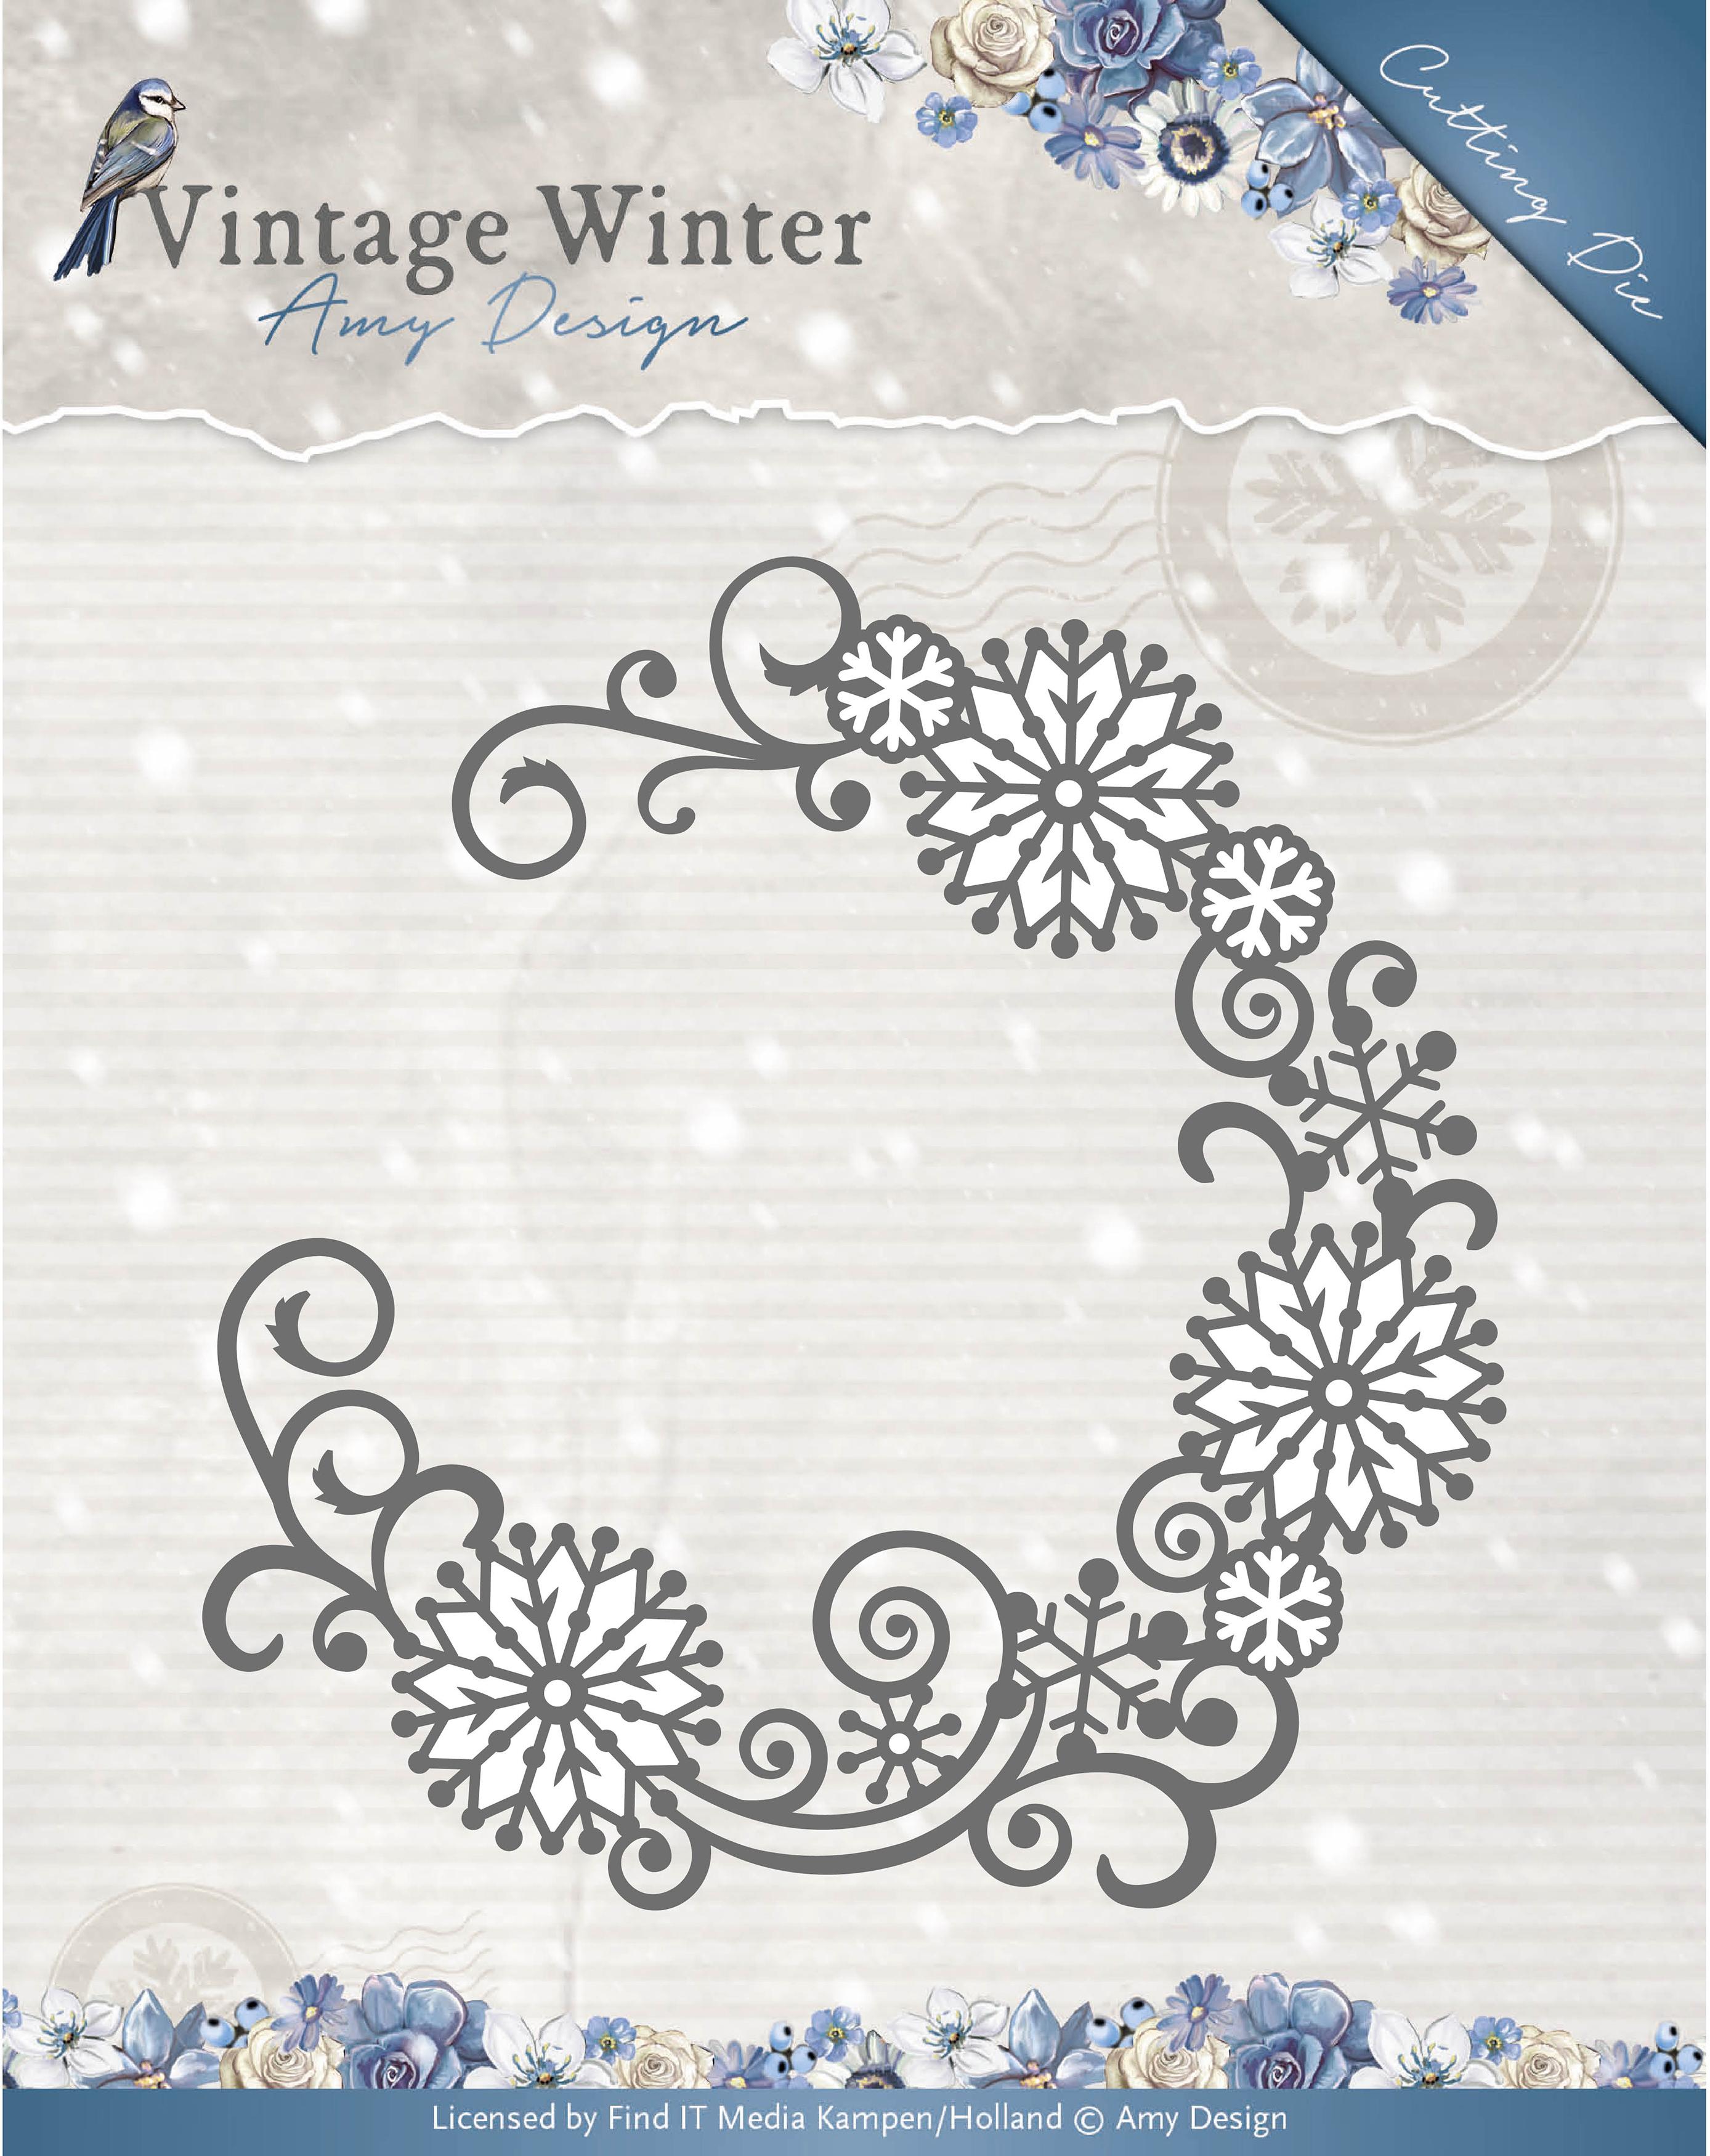 Snowflake Swirl Round - Find It Trading Amy Design Vintage Winter Die